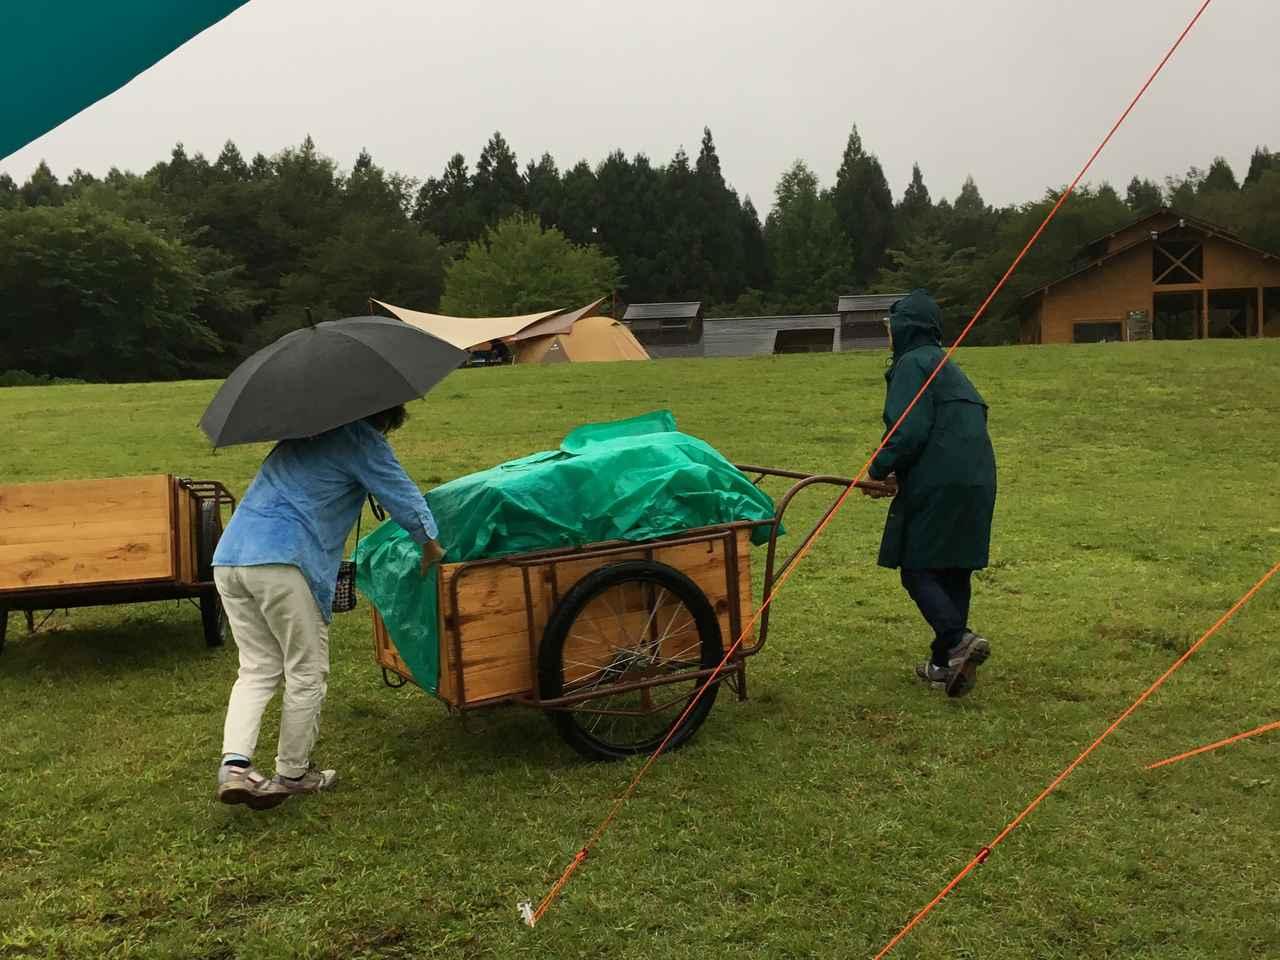 画像: 【静岡県】田貫湖キャンプ場 富士山がキレイに見え、日本の中でも人気のキャンプ場ですが、オートサイトではないので雨が降るとちょっと大変です。